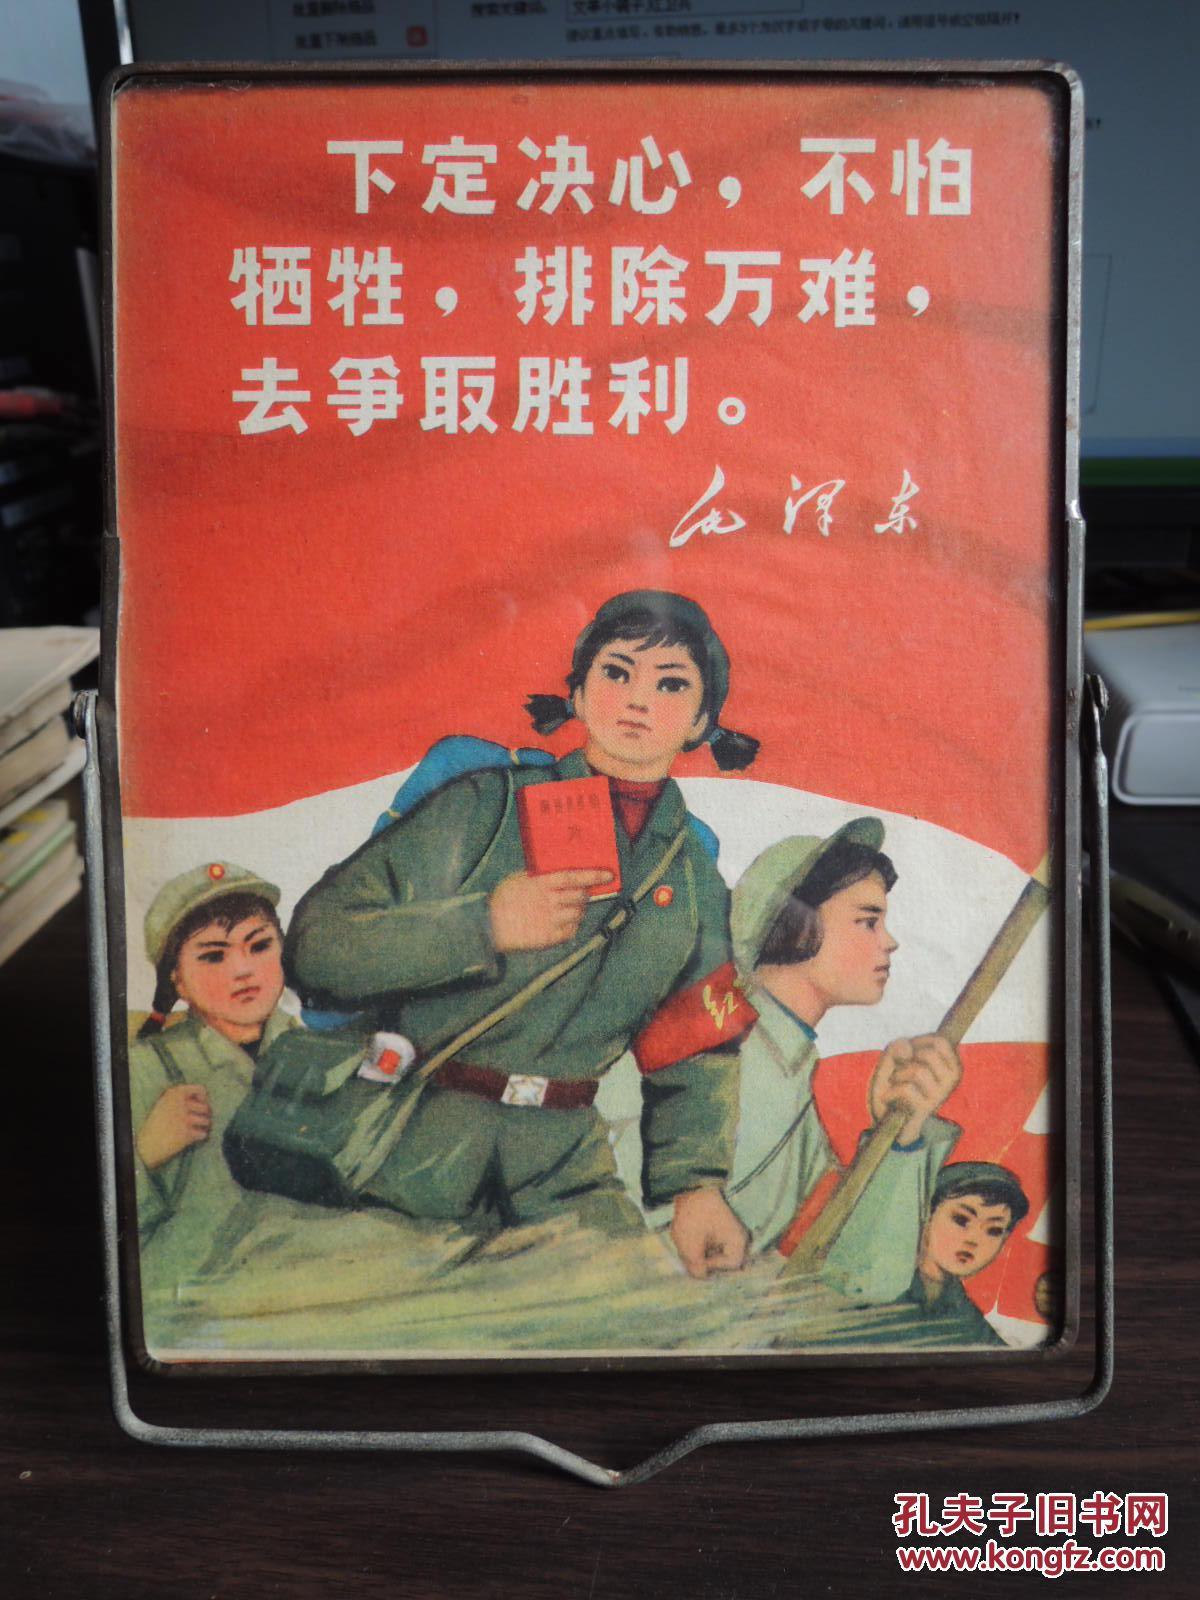 文革小镜子 红卫兵